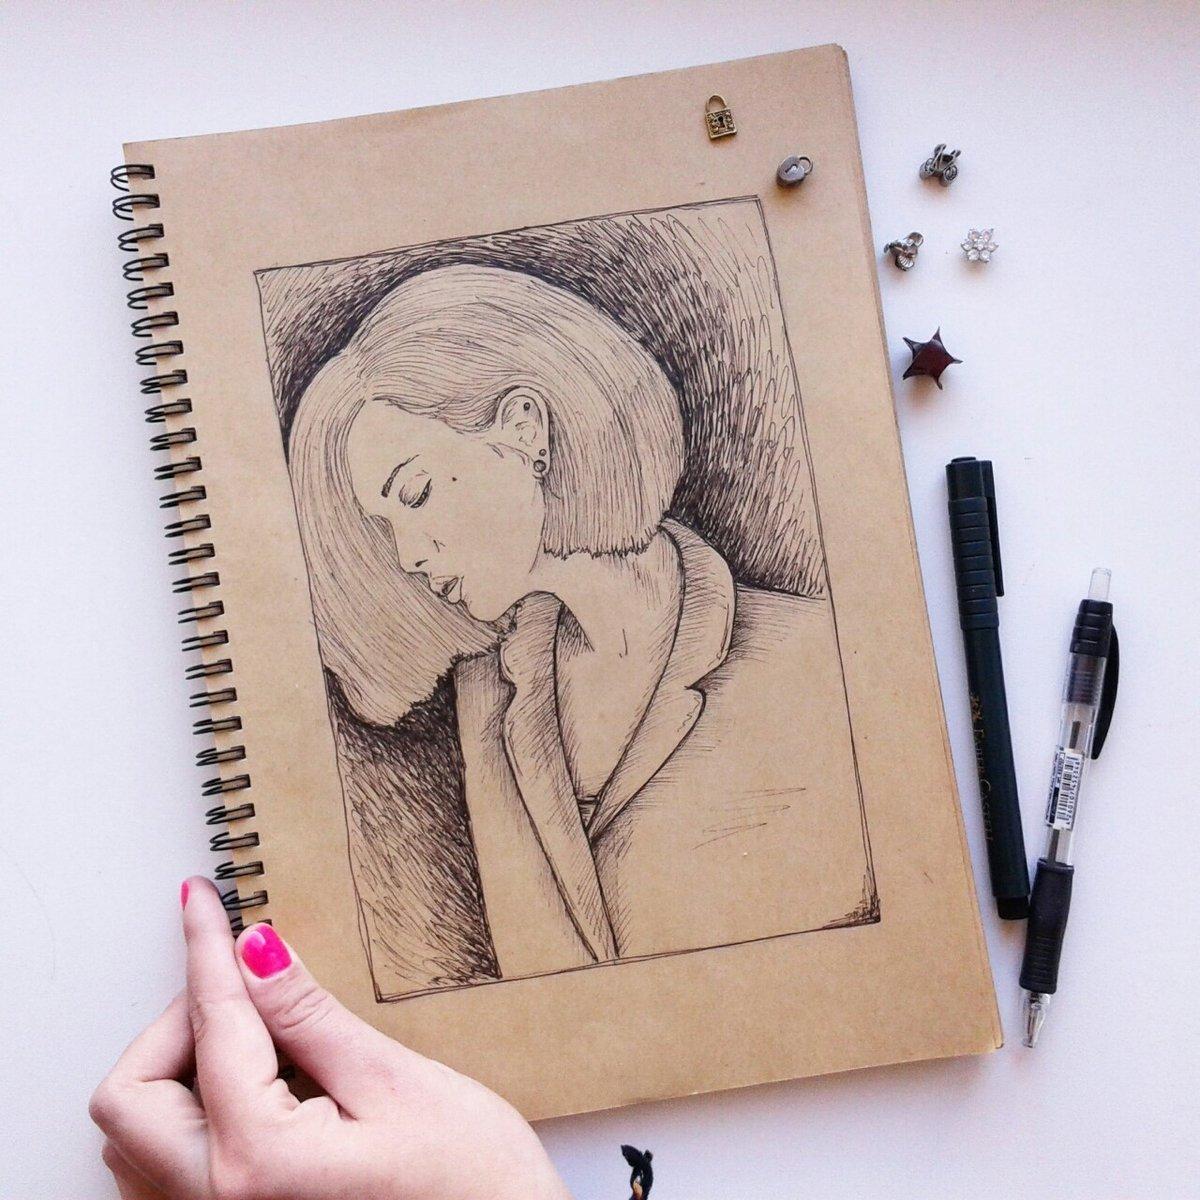 картинки идеи для рисунков выбором рисунка, фактурой